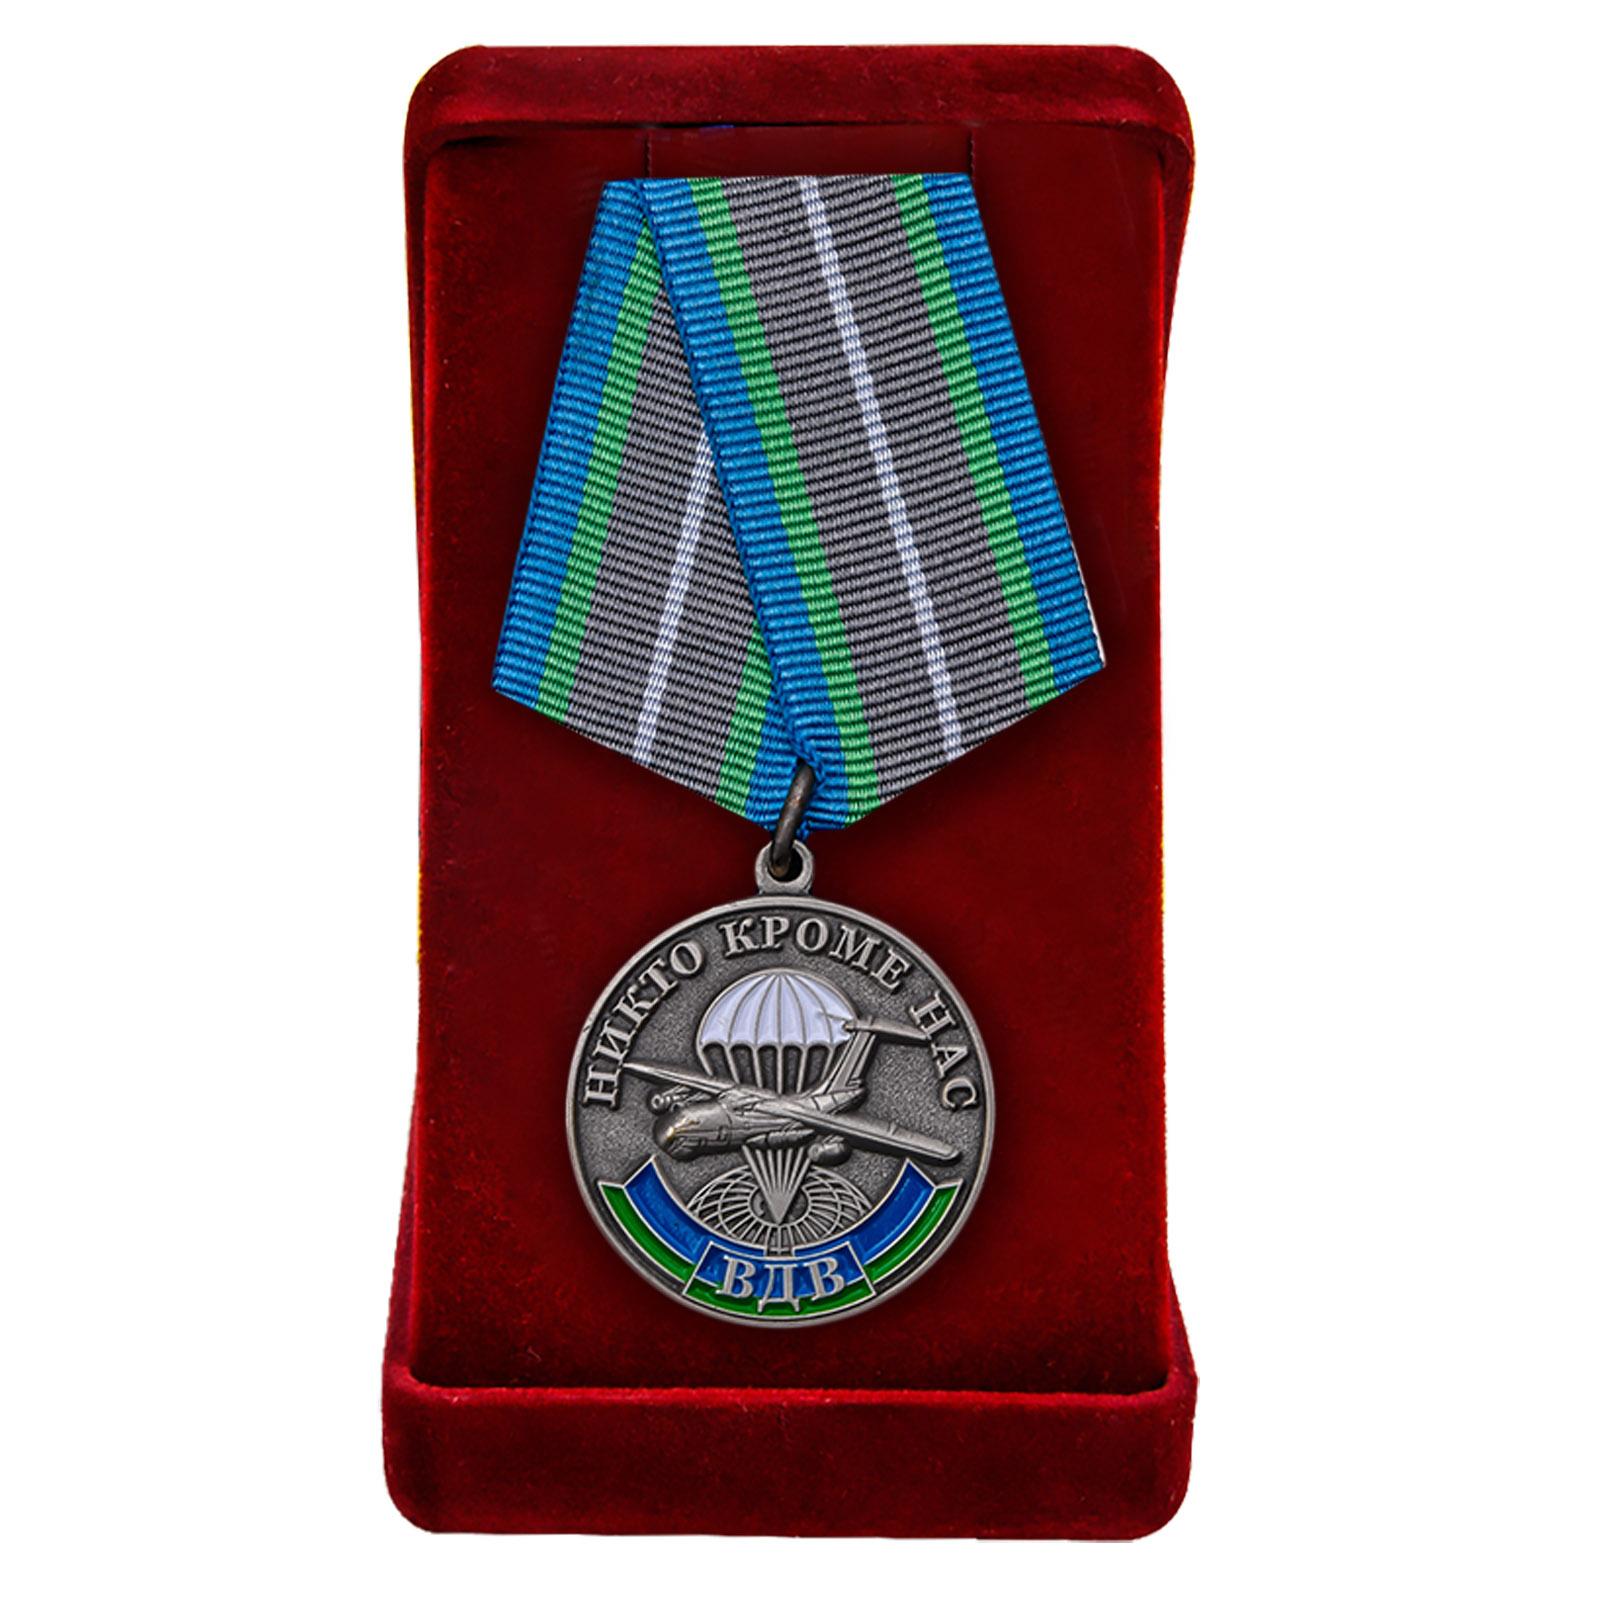 Купить памятную медаль ВДВ За ратную доблесть оптом или в розницу